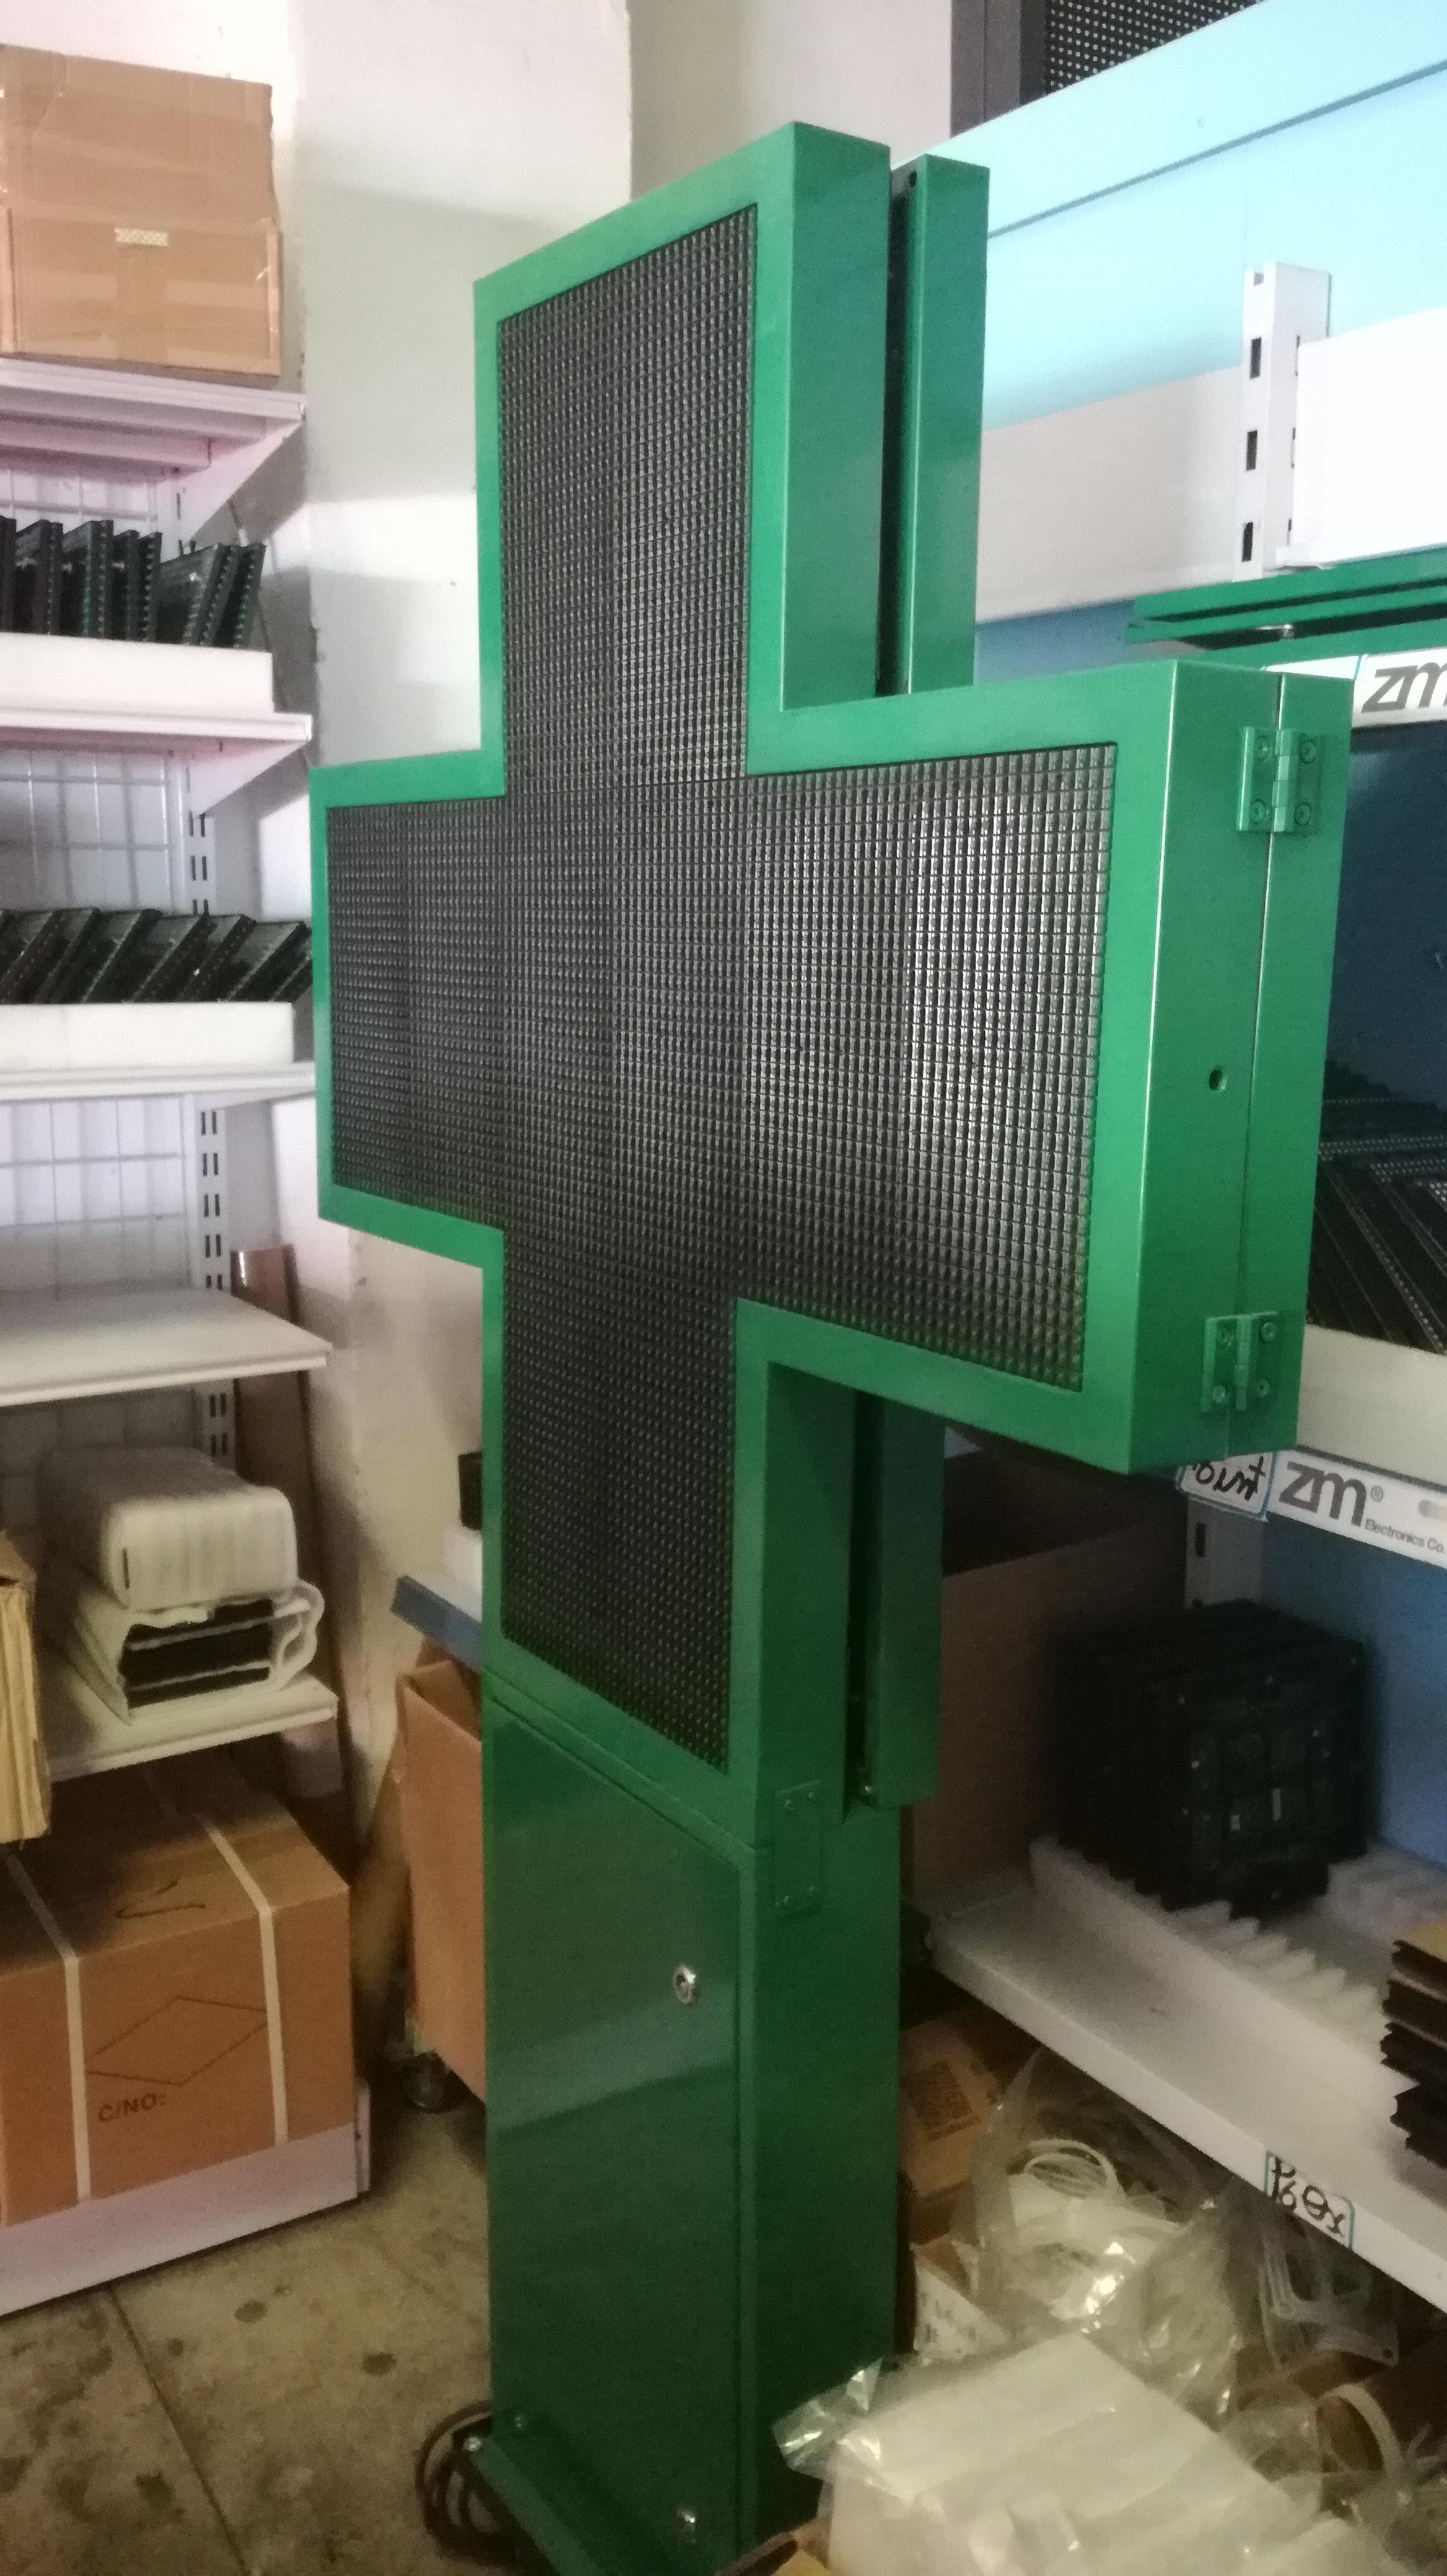 CRUZ DE FARMACIA FULL COLOR P6 65X65cm